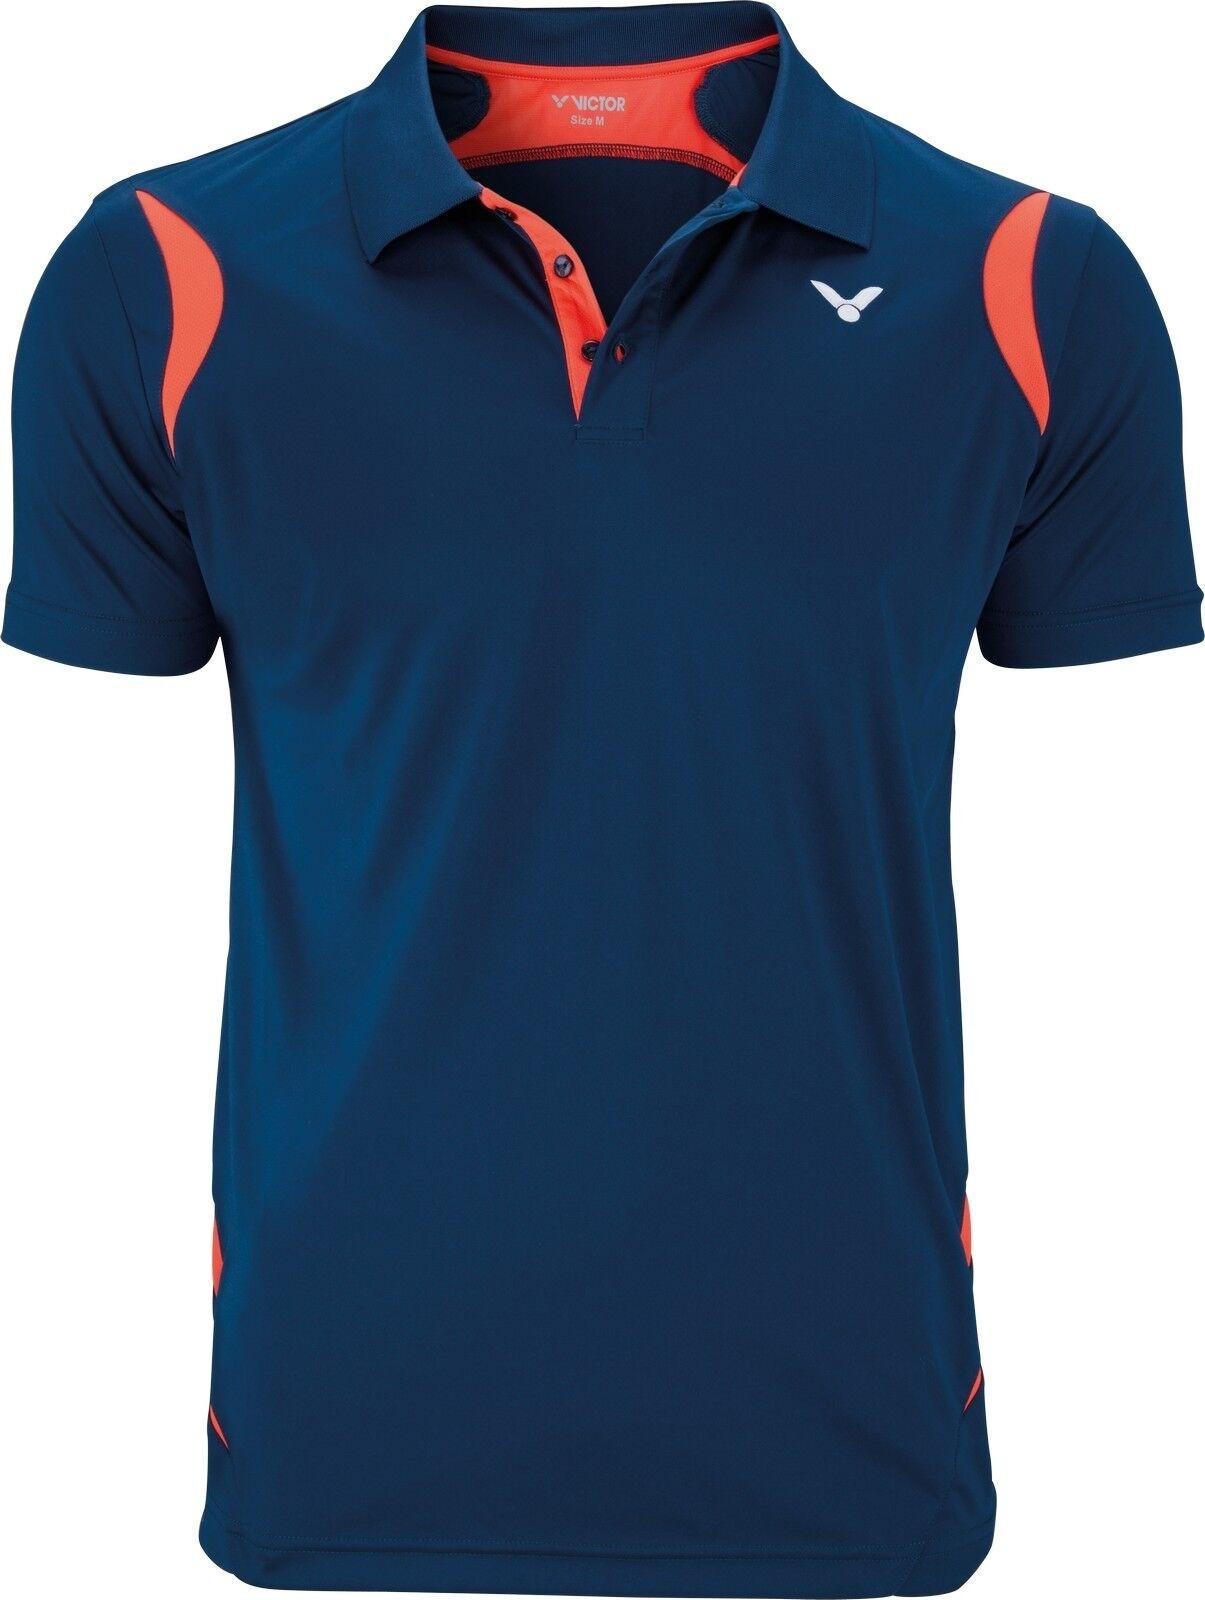 Badminton Victor Polo Function 6727 Badminton Polo Shirt